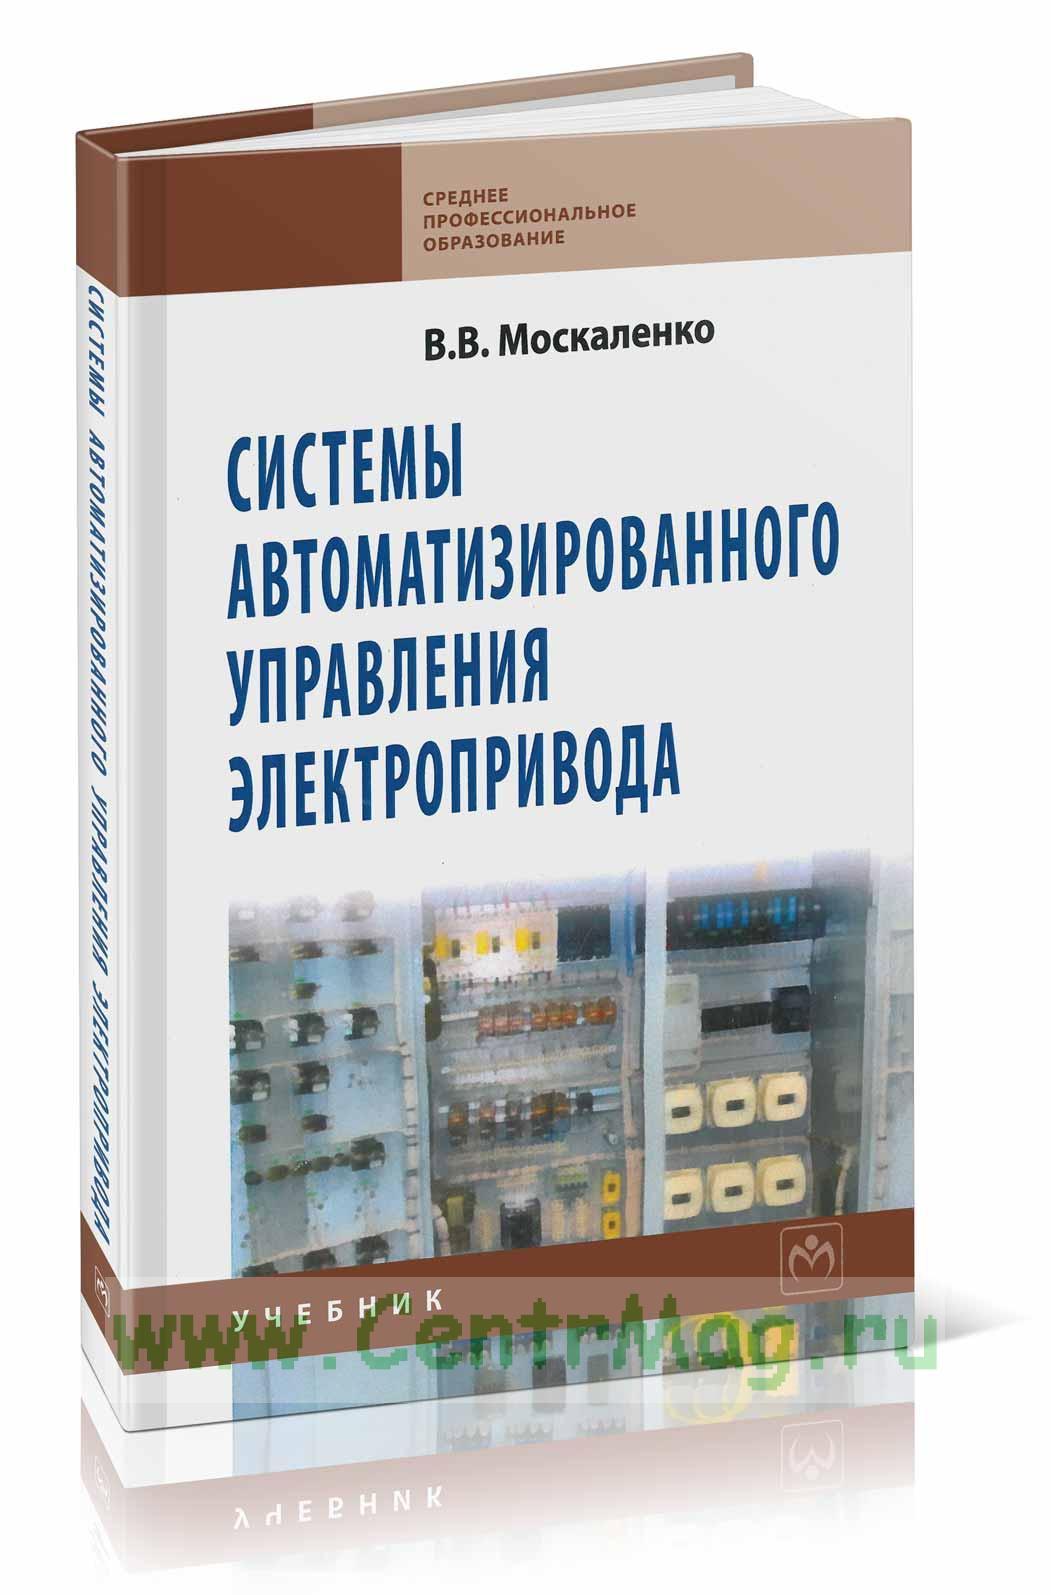 Системы автоматизированного управления электропривода: учебник